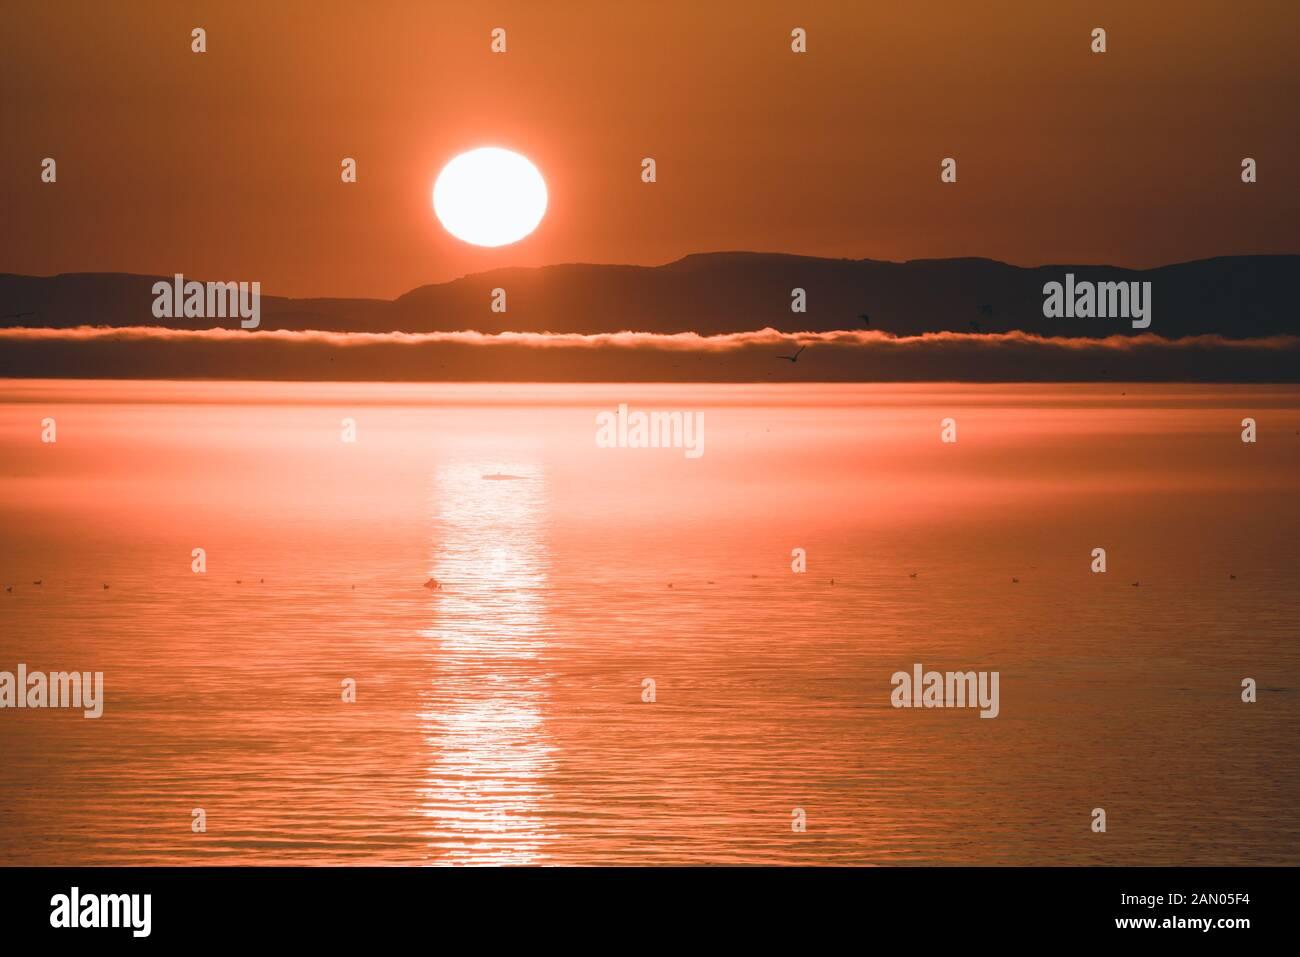 Beau coucher de soleil avec montagnes et icebergs. Cercle arctique et océan. Horizon du lever du soleil avec ciel rose pendant le soleil de minuit. Banque D'Images